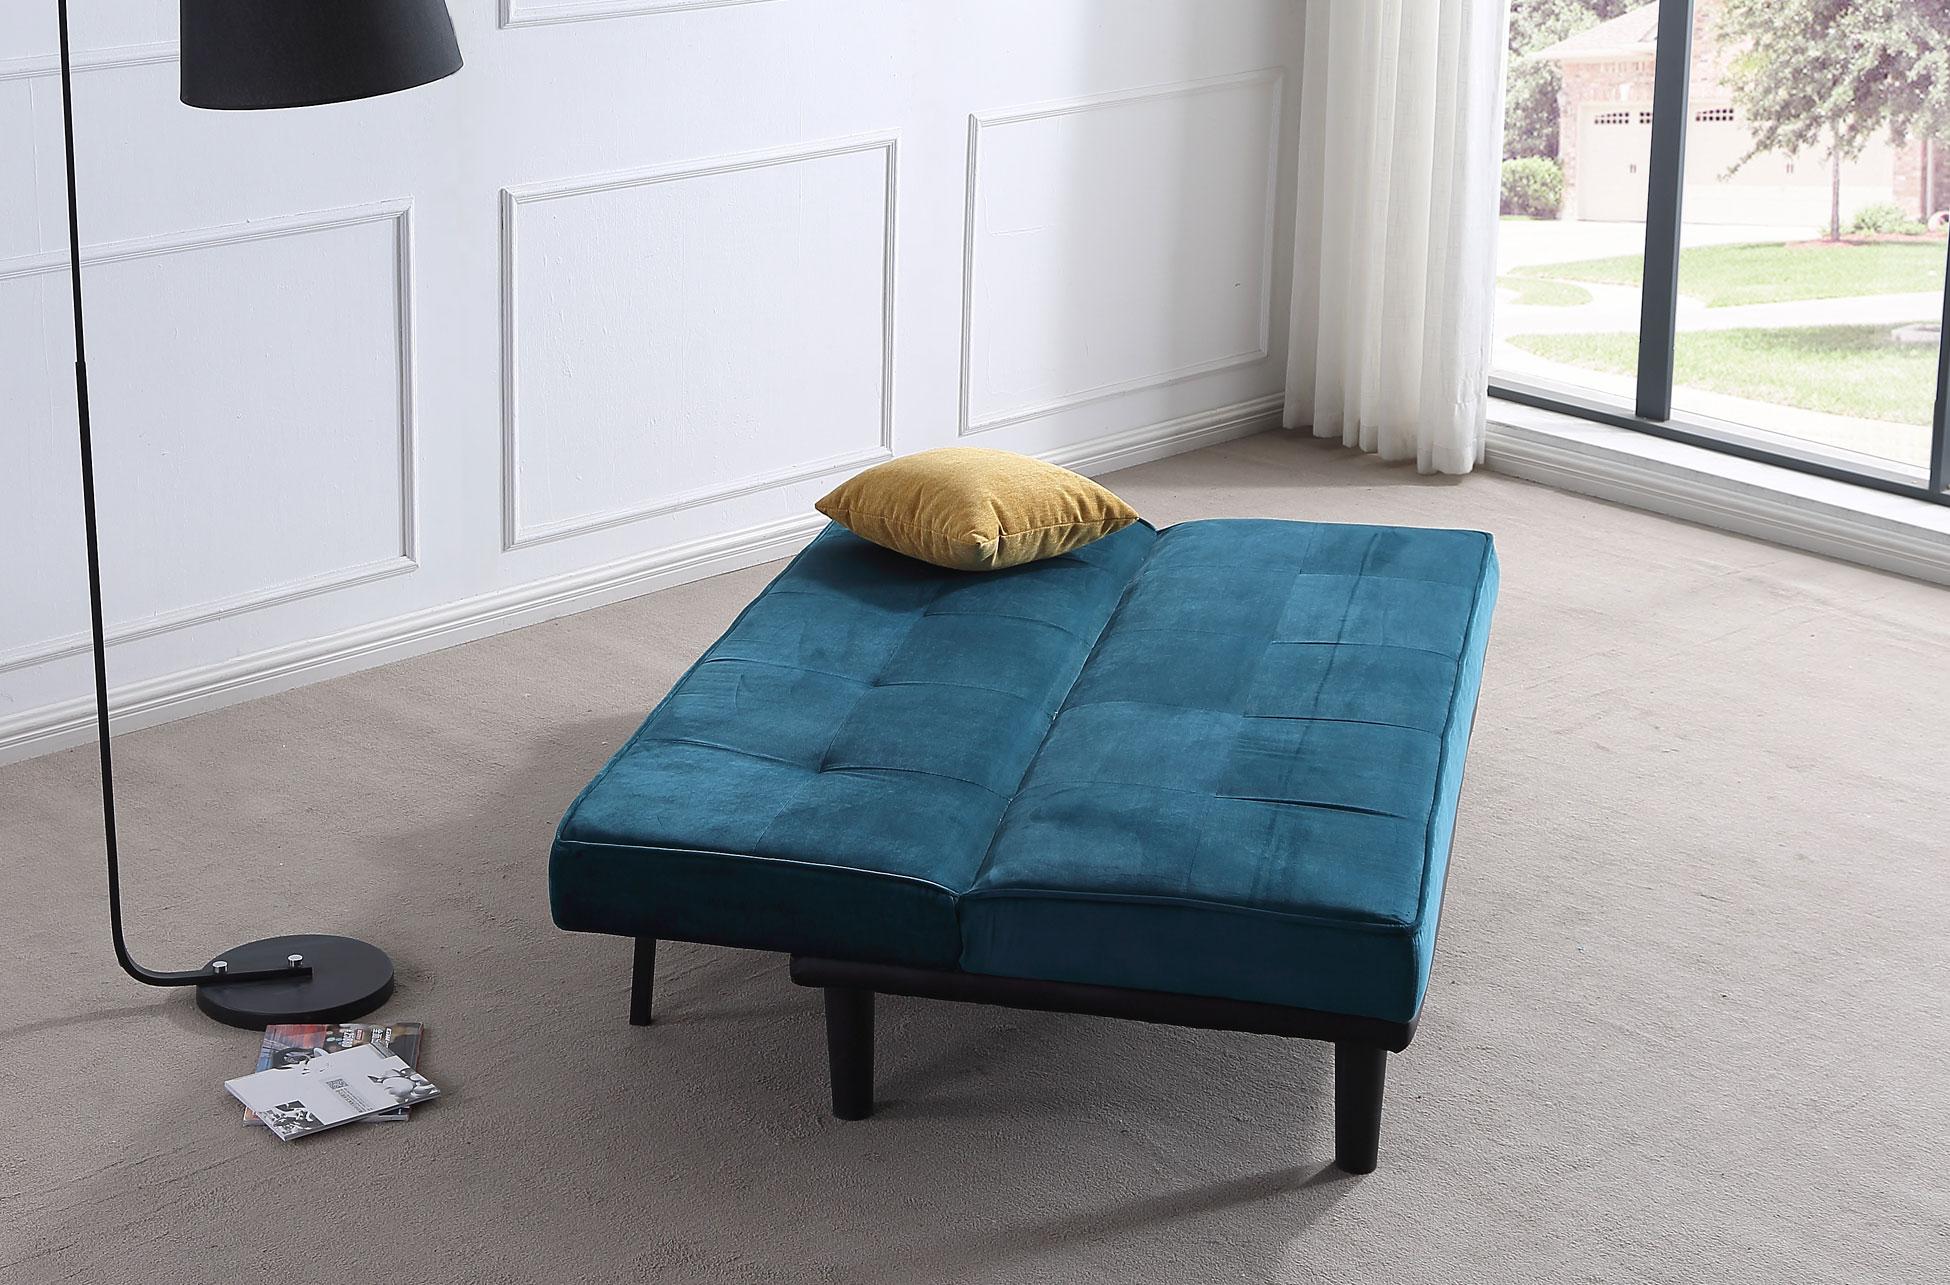 Sofá cama barato reclinable modelo Ankara